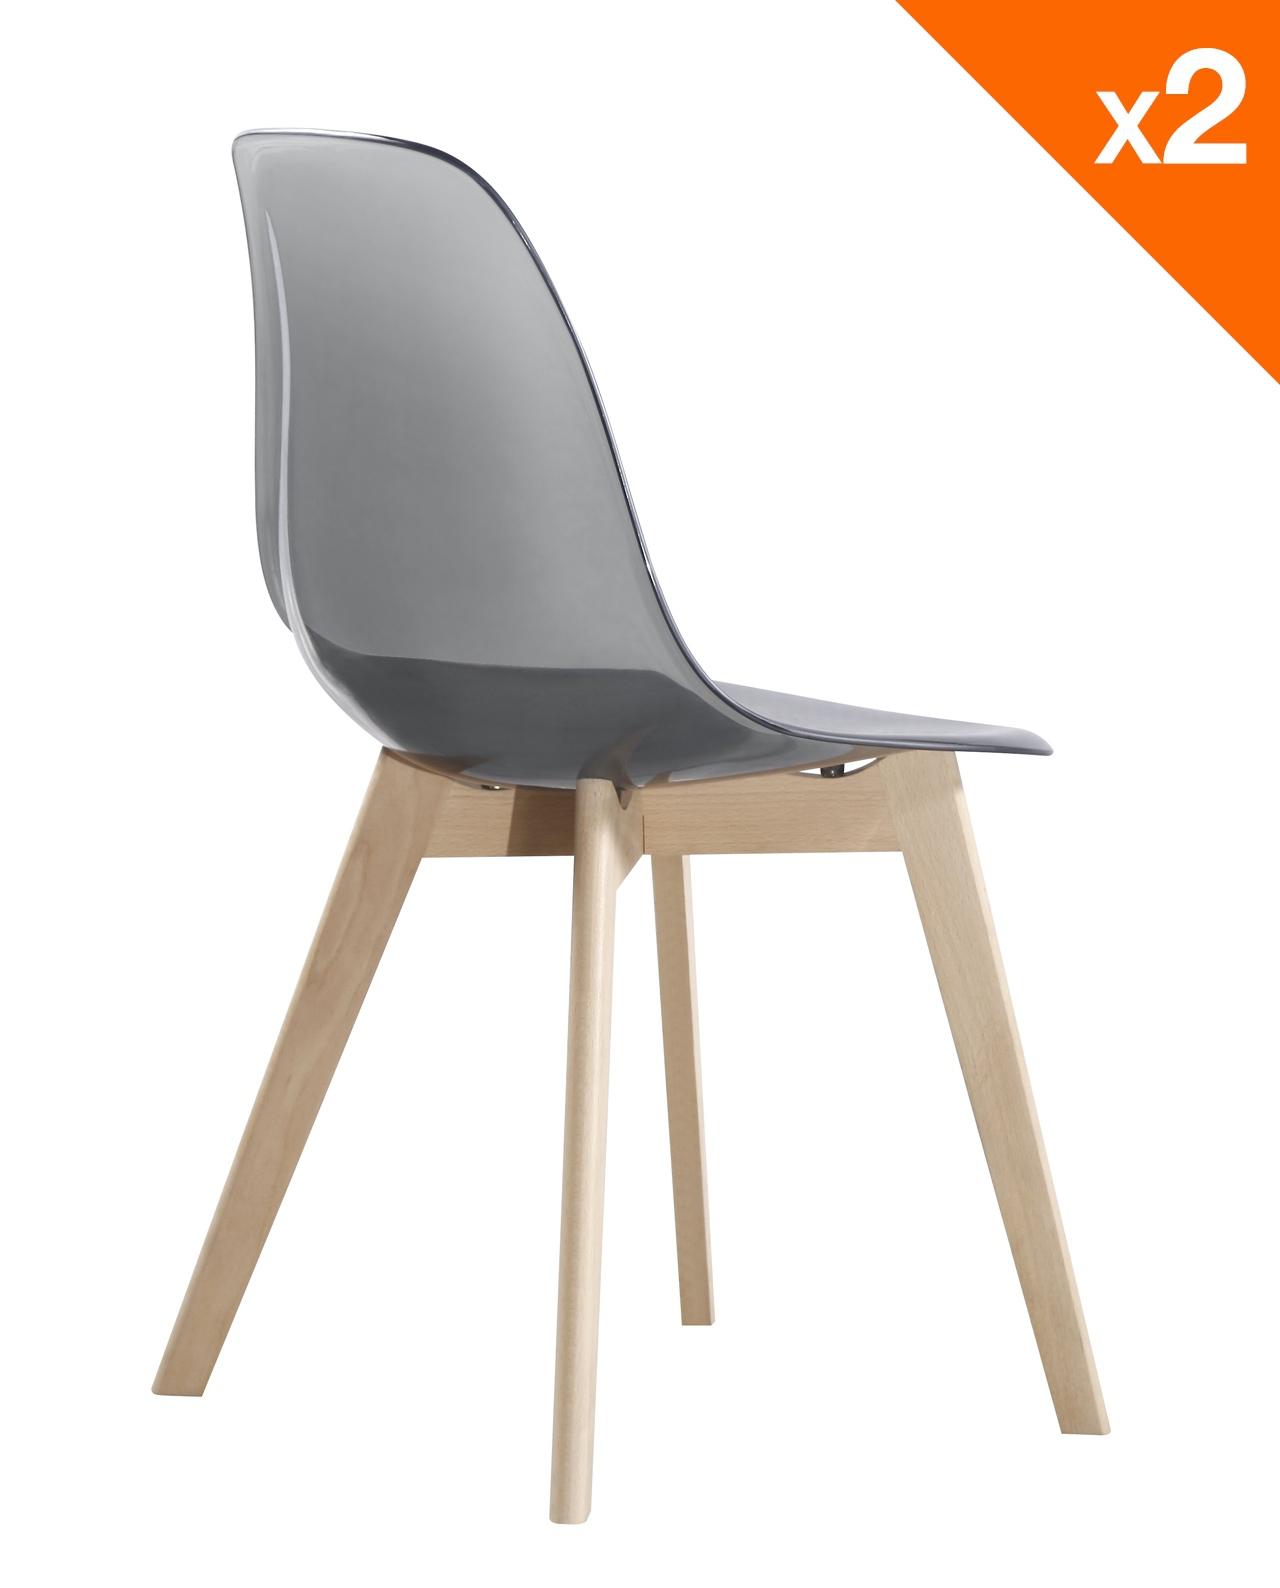 LAO chaise scandinave Lot de 2 Gris fumé